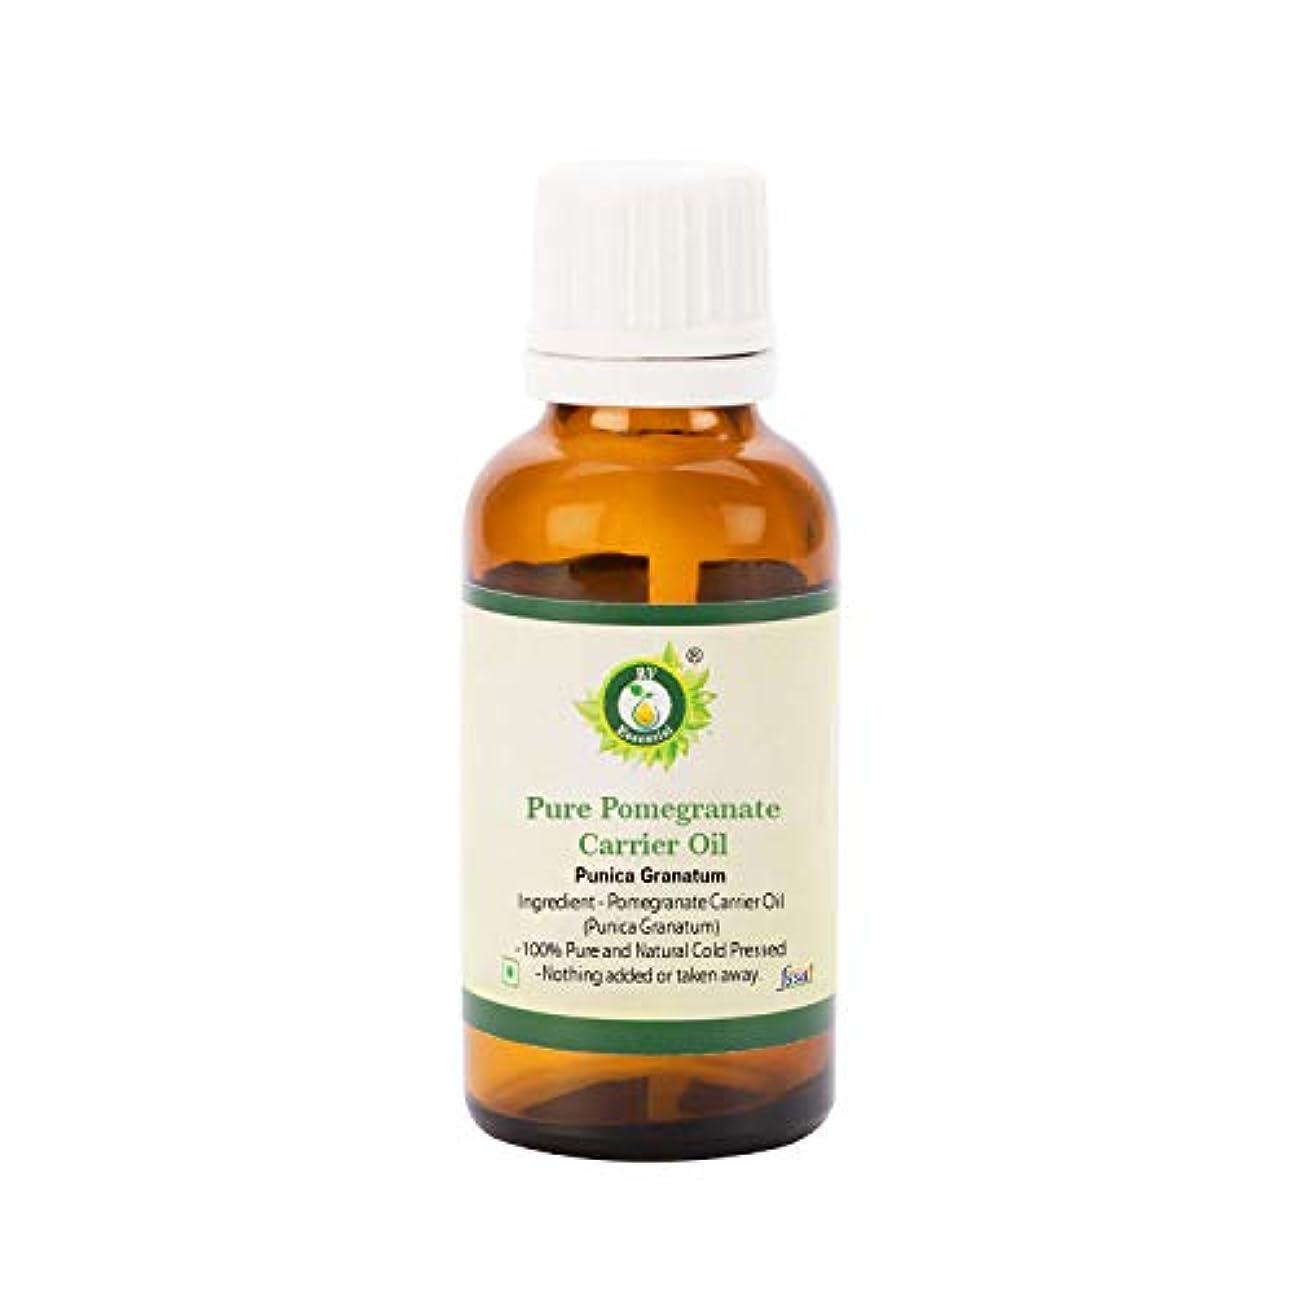 行き当たりばったり入口飲み込むR V Essential 純粋なザクロのキャリアオイル30ml (1.01oz)- Punica Granatum (100%ピュア&ナチュラルコールドPressed) Pure Pomegranate Carrier...